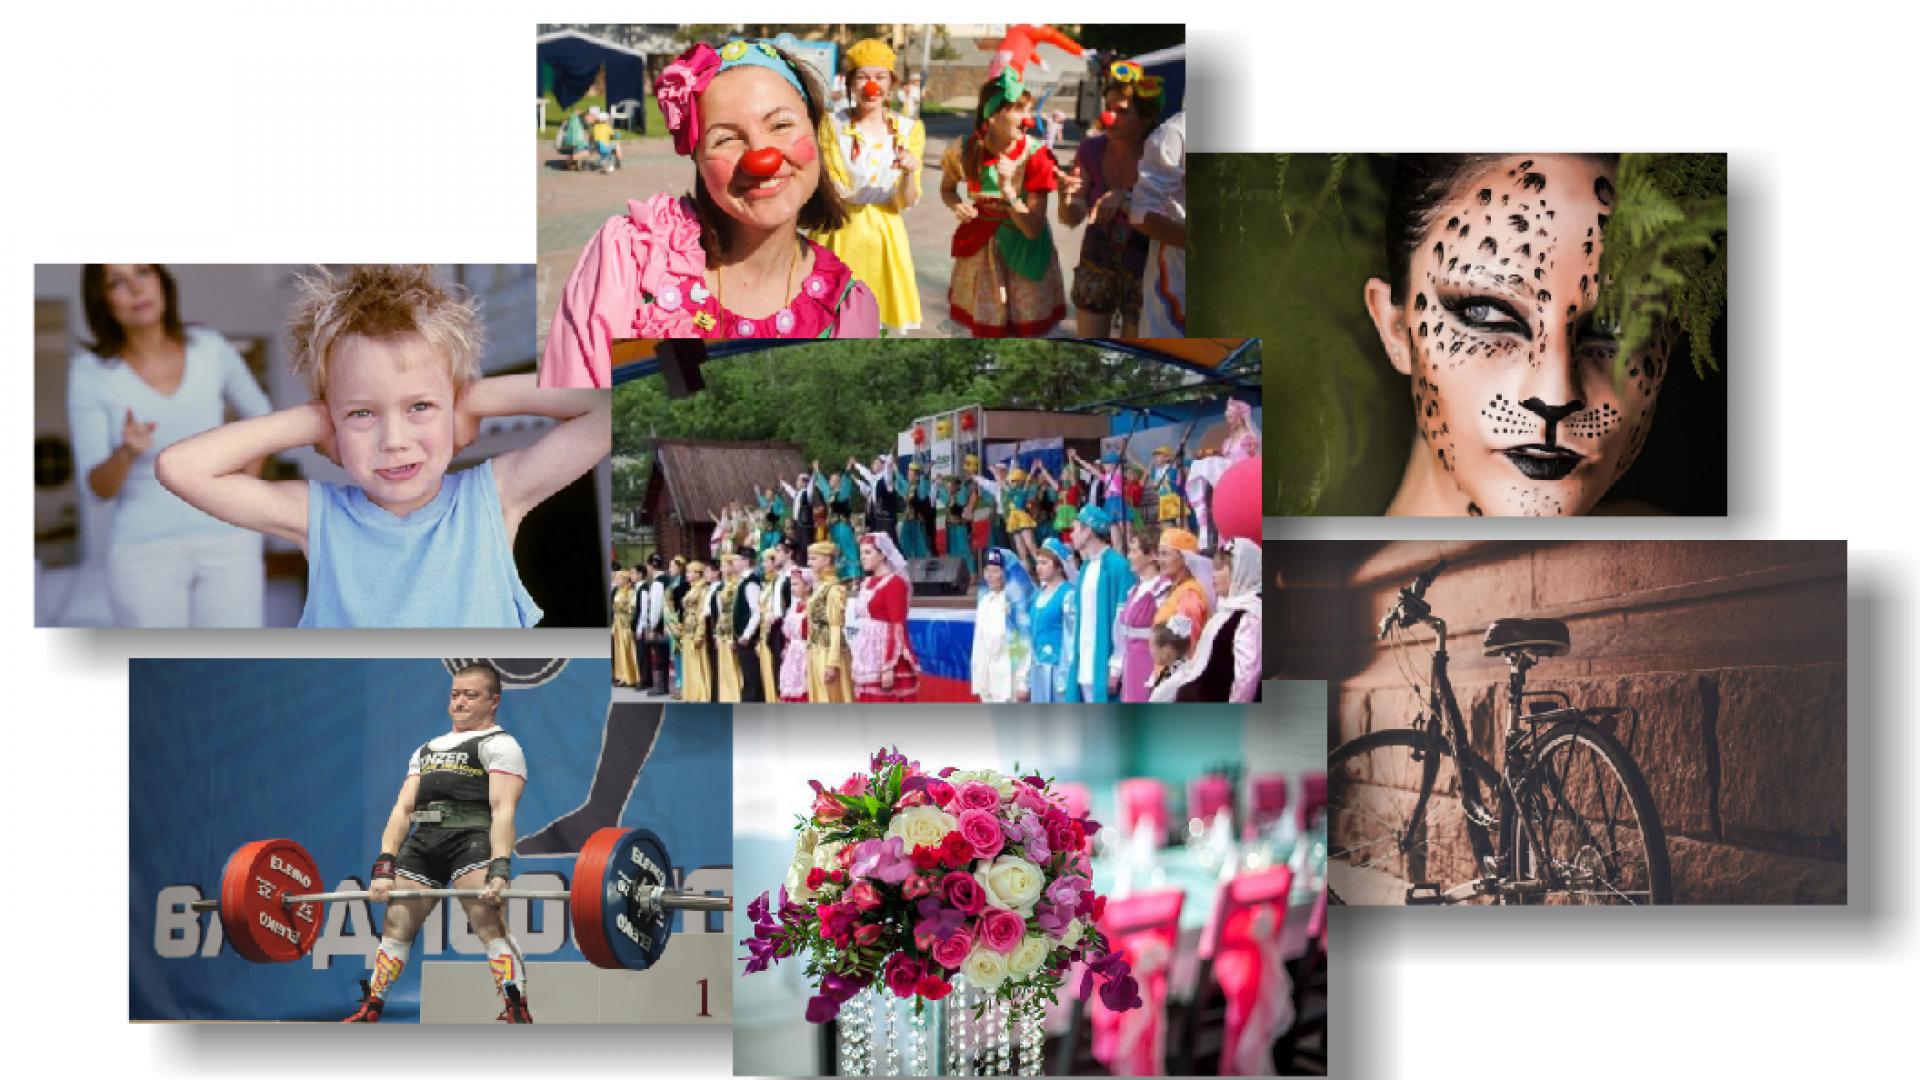 Встречаем лето: 10 лучших событий этих выходных